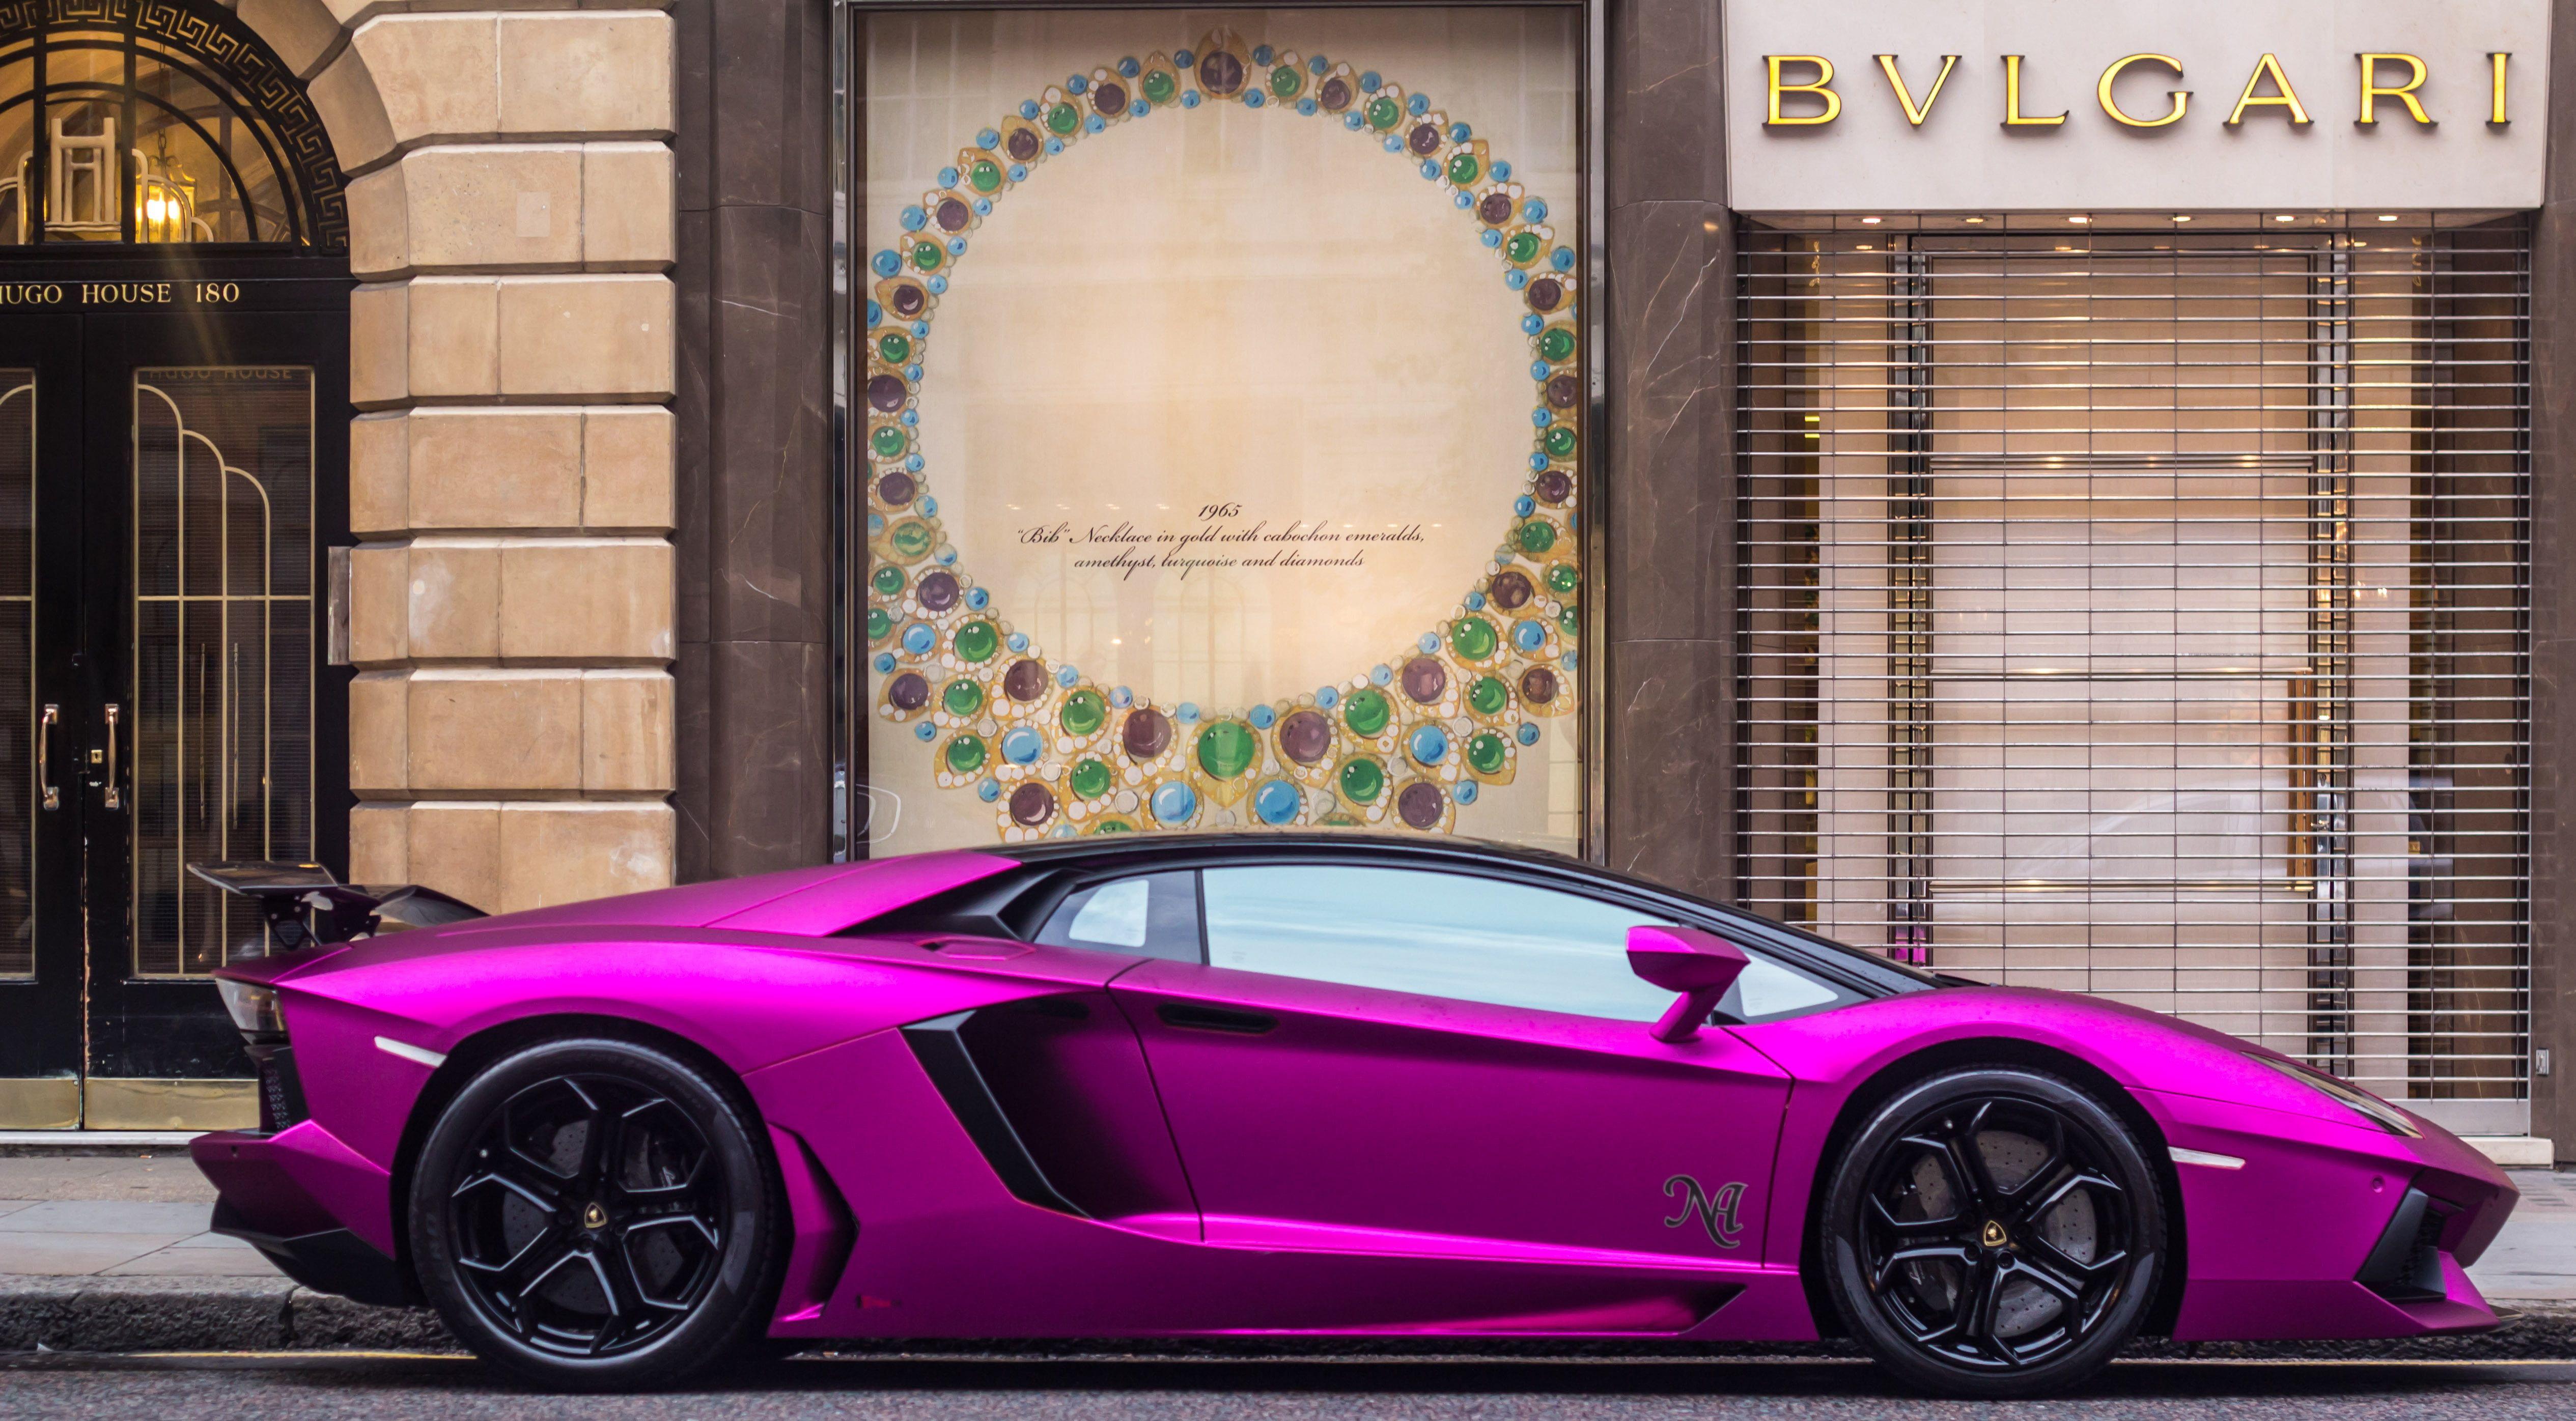 purple sports car near Bvlgari store Lamborghini  Aventador sports Car land Vehicle